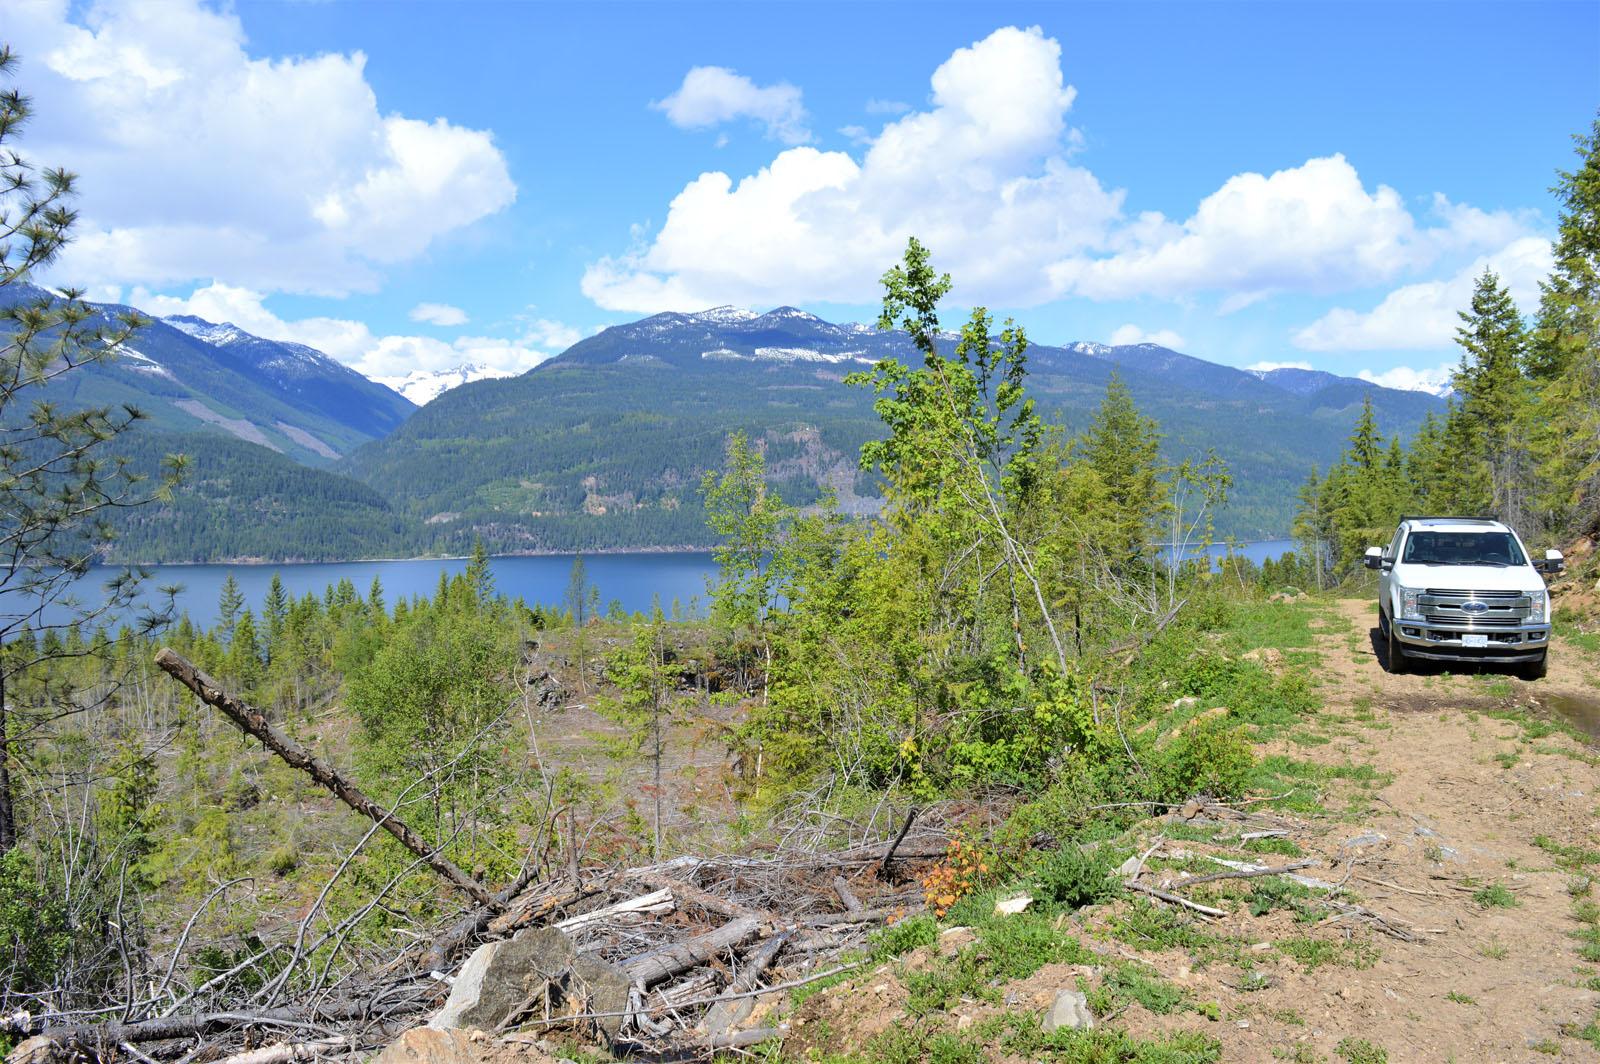 Kootenay lake 14